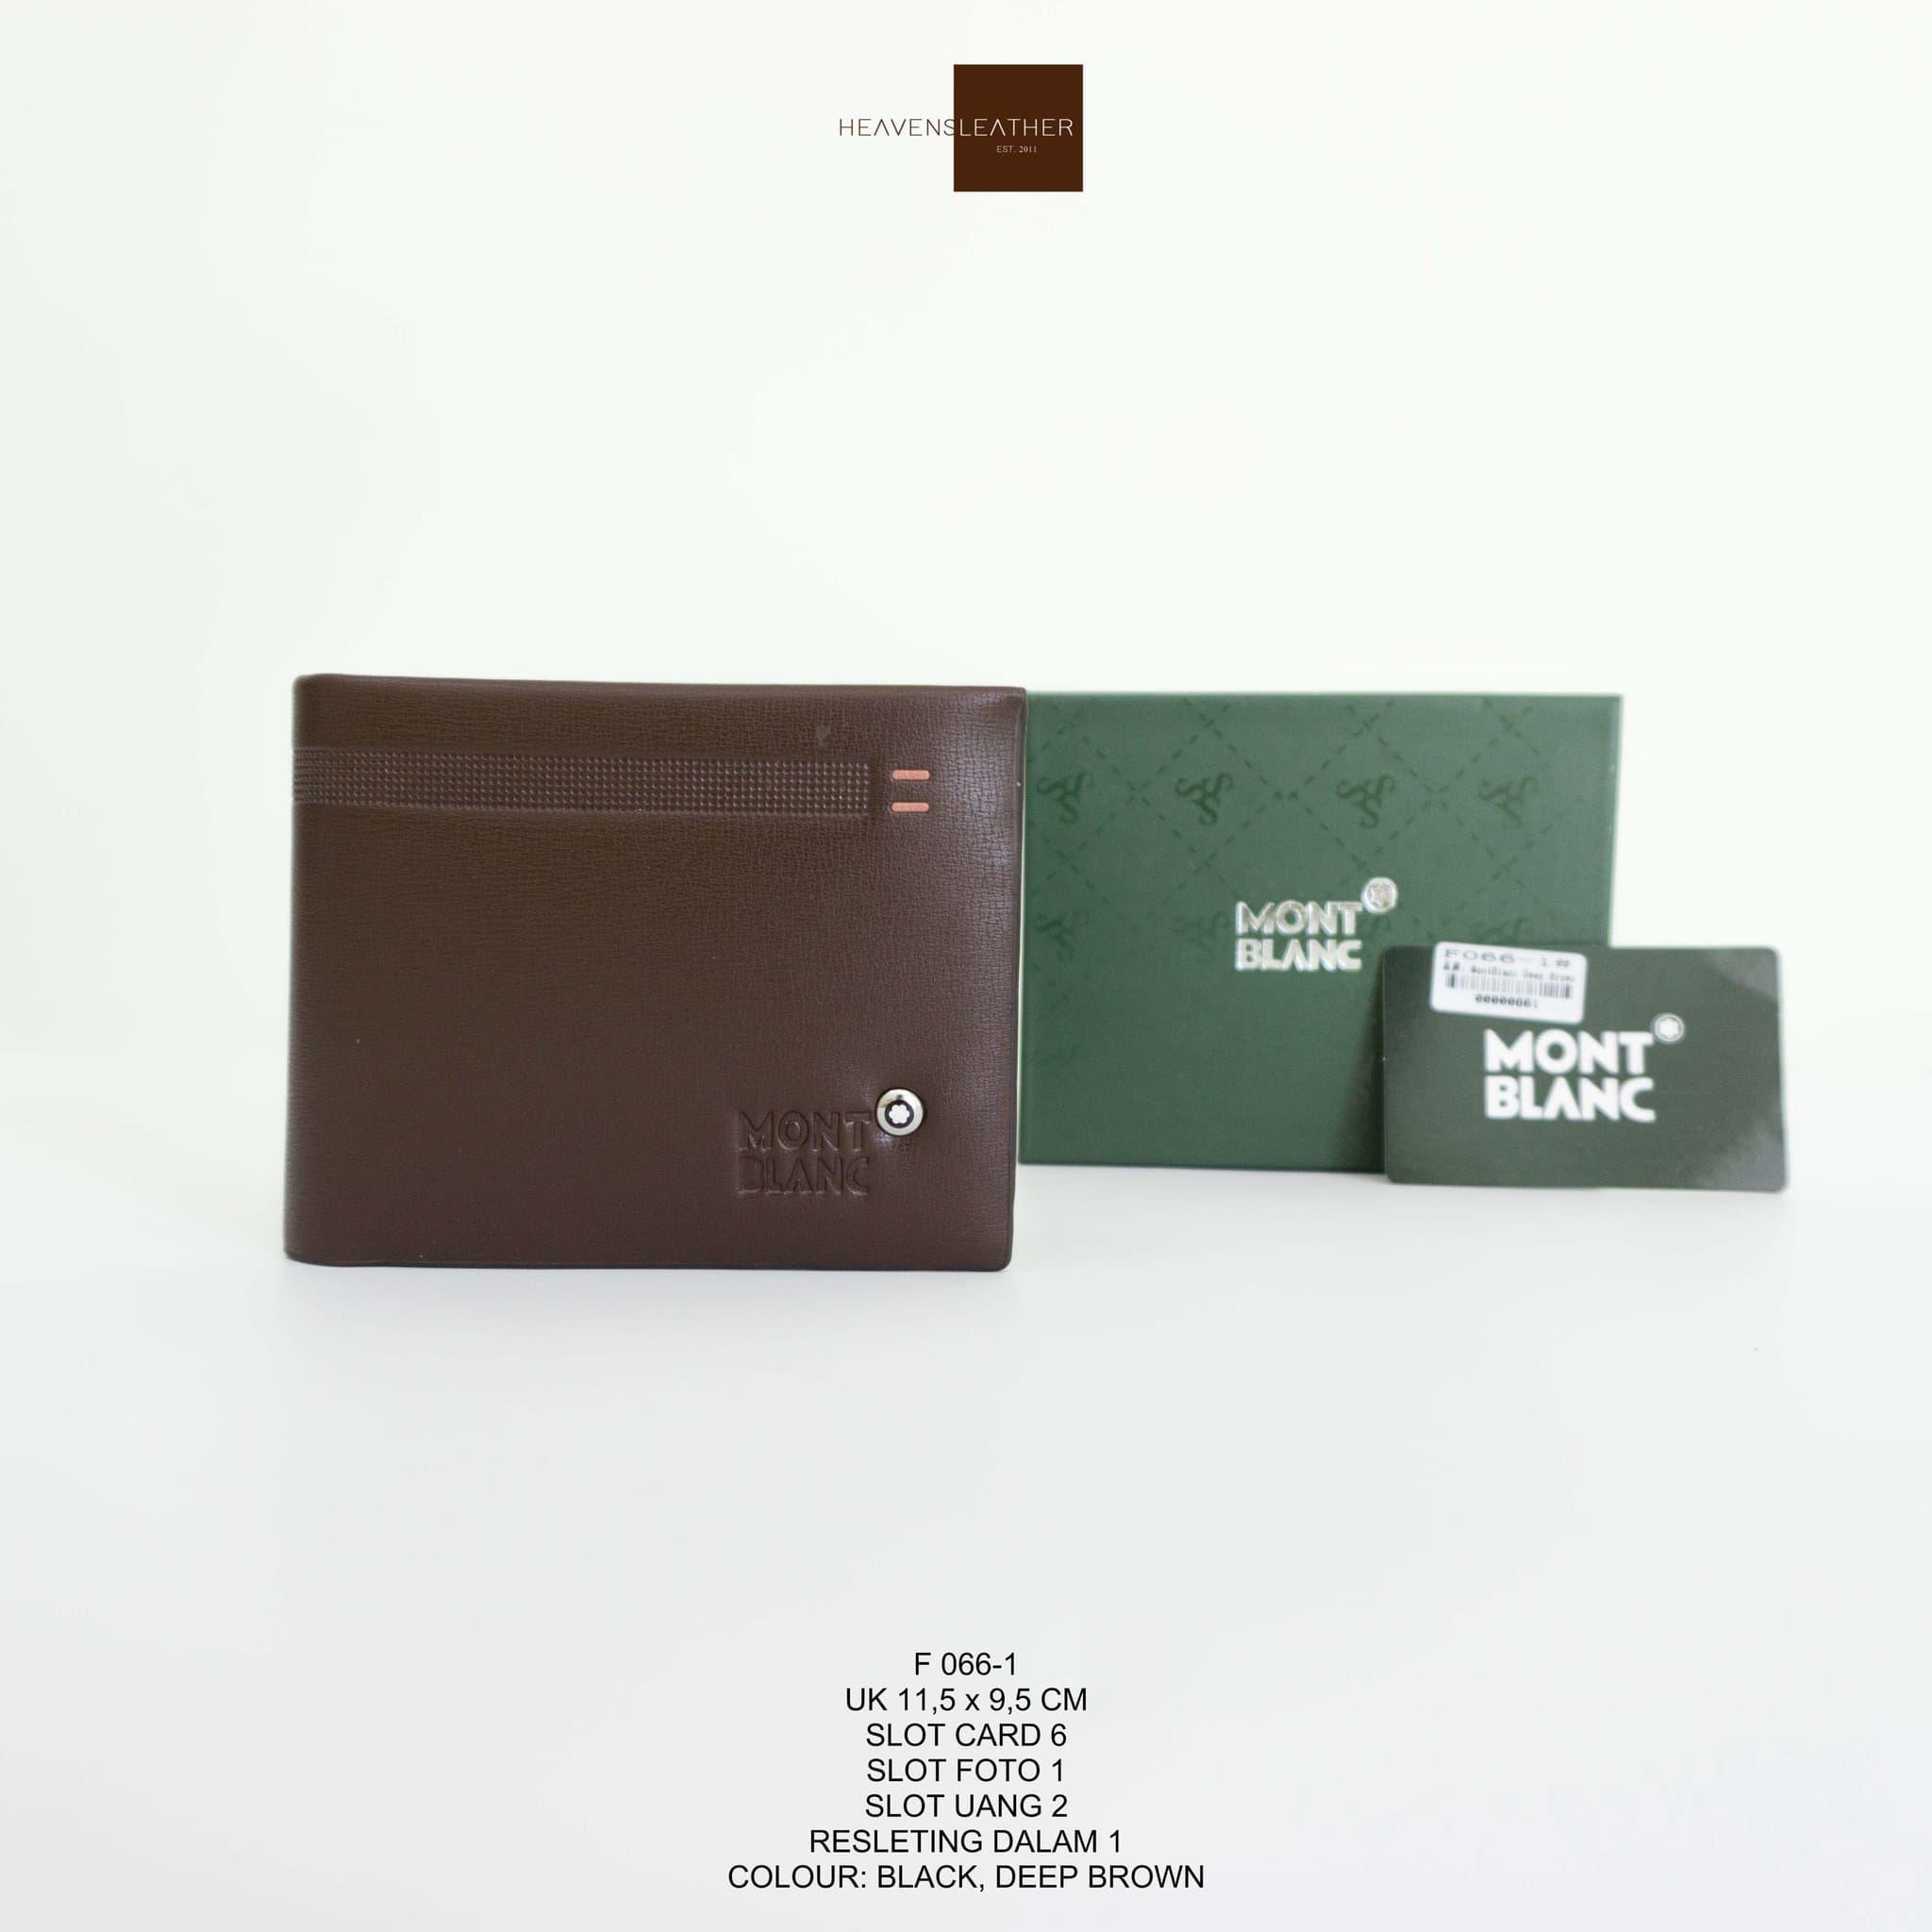 DOMPET PRIA KULIT MONT BLANC IMPORT F066-1 DOMPET COWOK DOMPET TIDUR